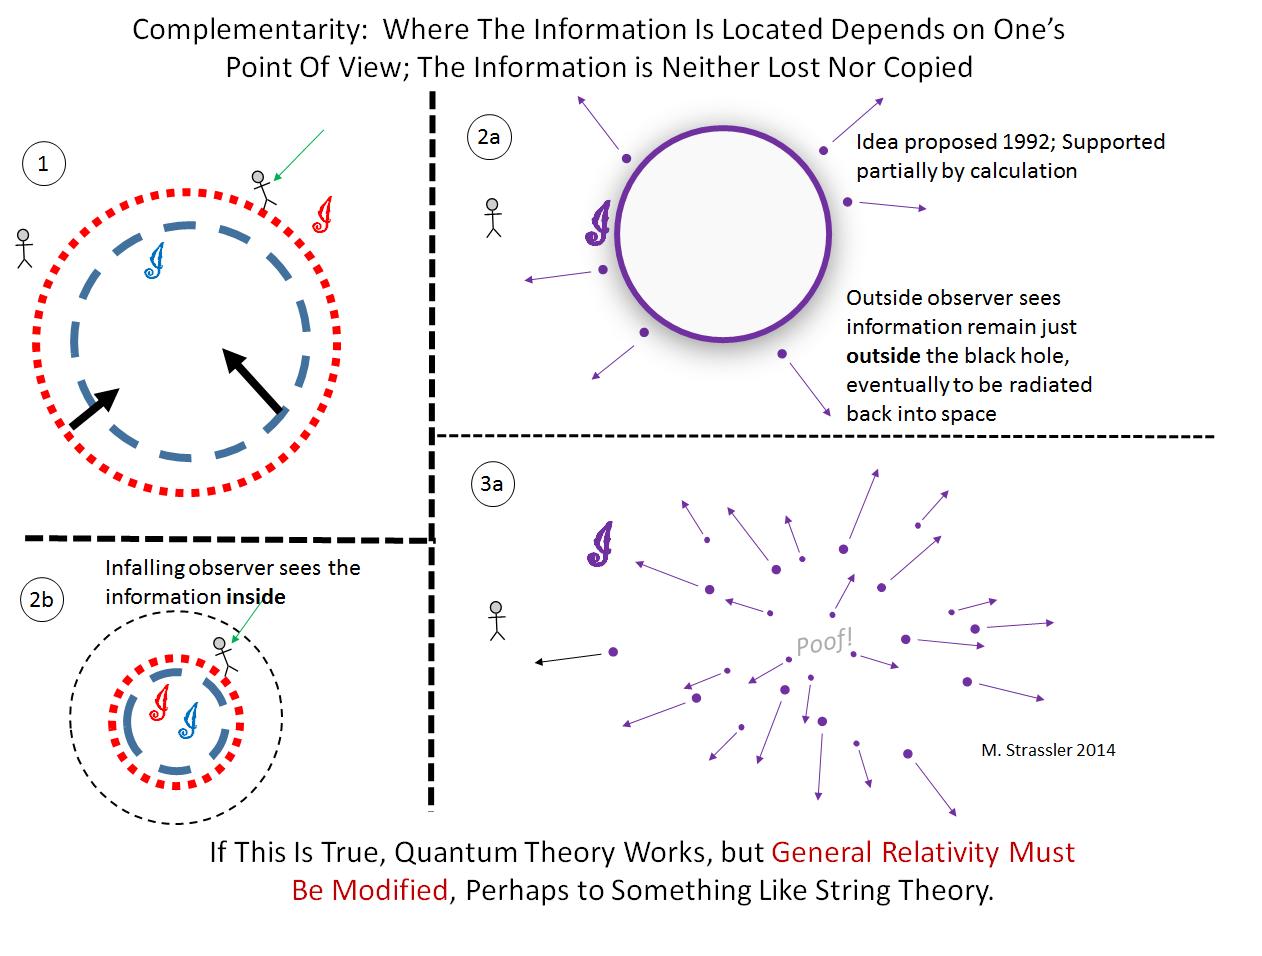 Введение в парадокс исчезновения информации в чёрной дыре - 6